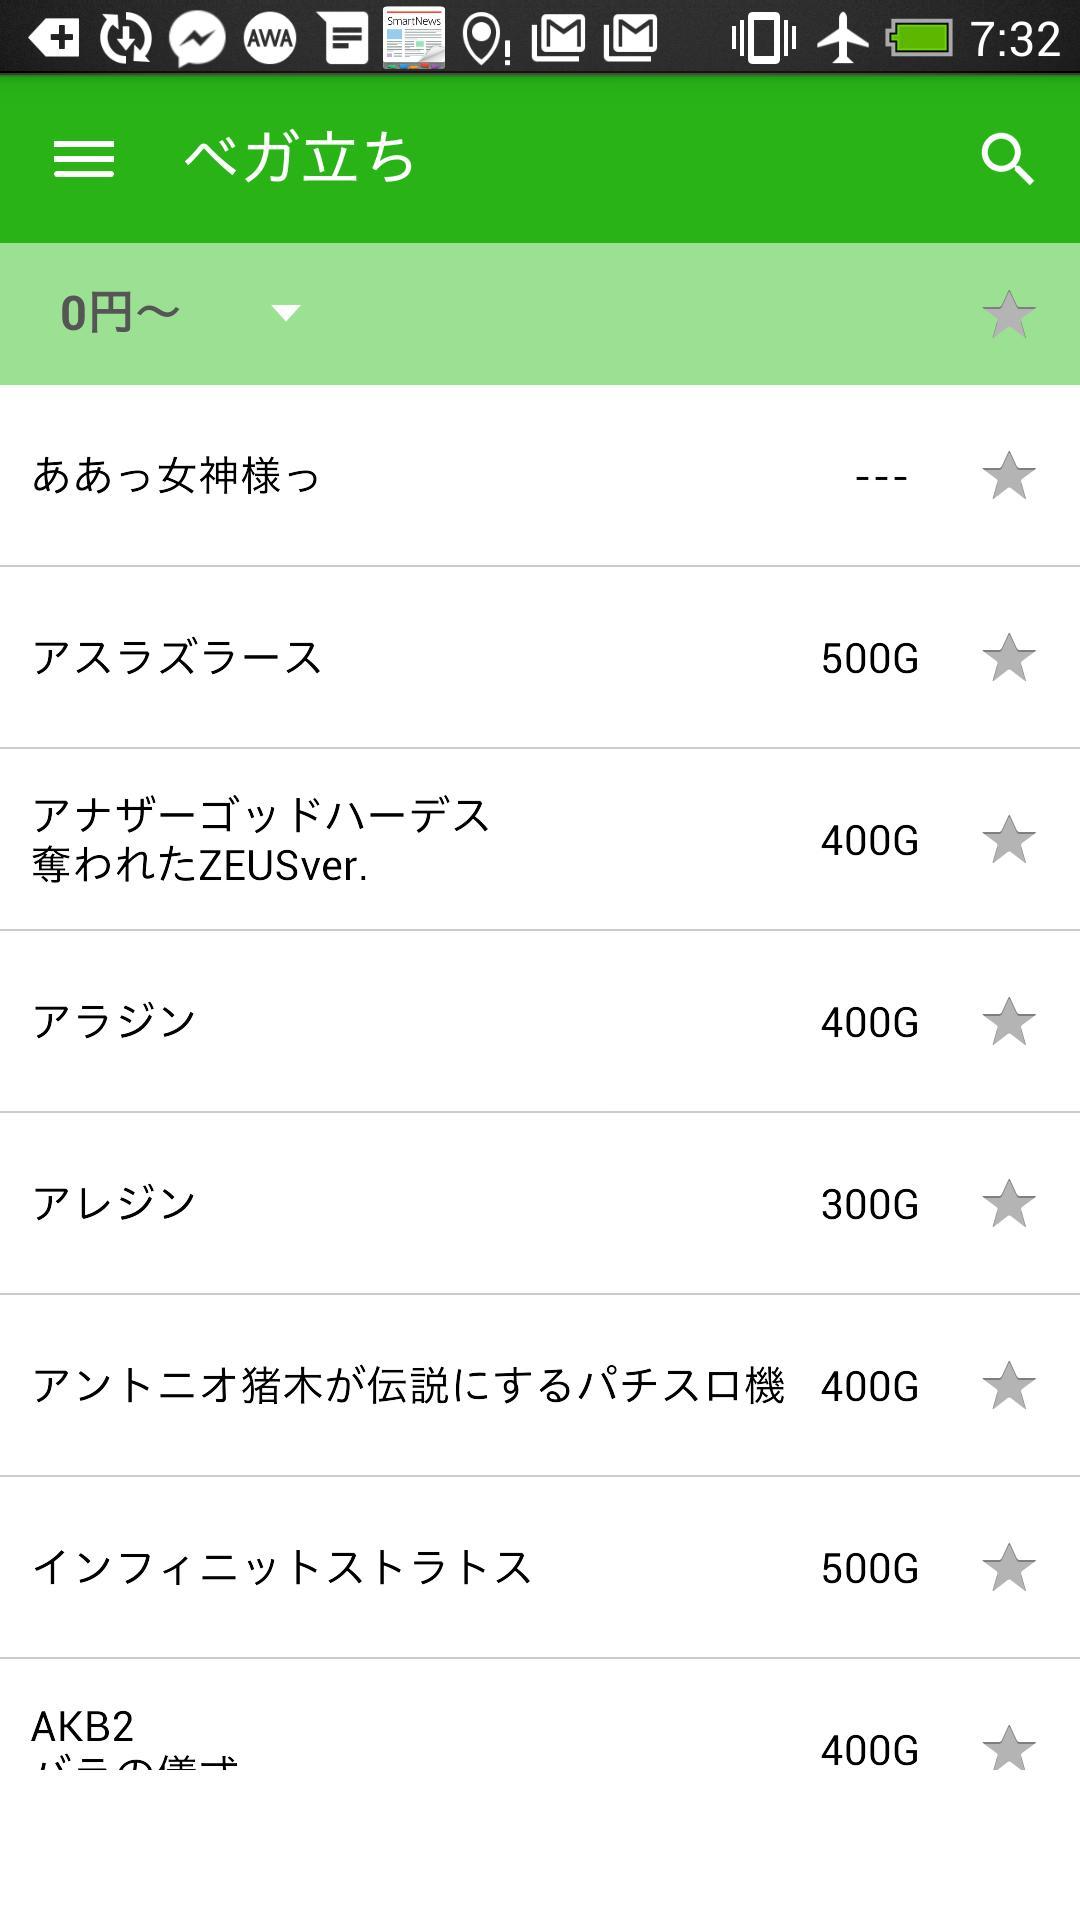 ターン 天井 モンキー 恩恵 4